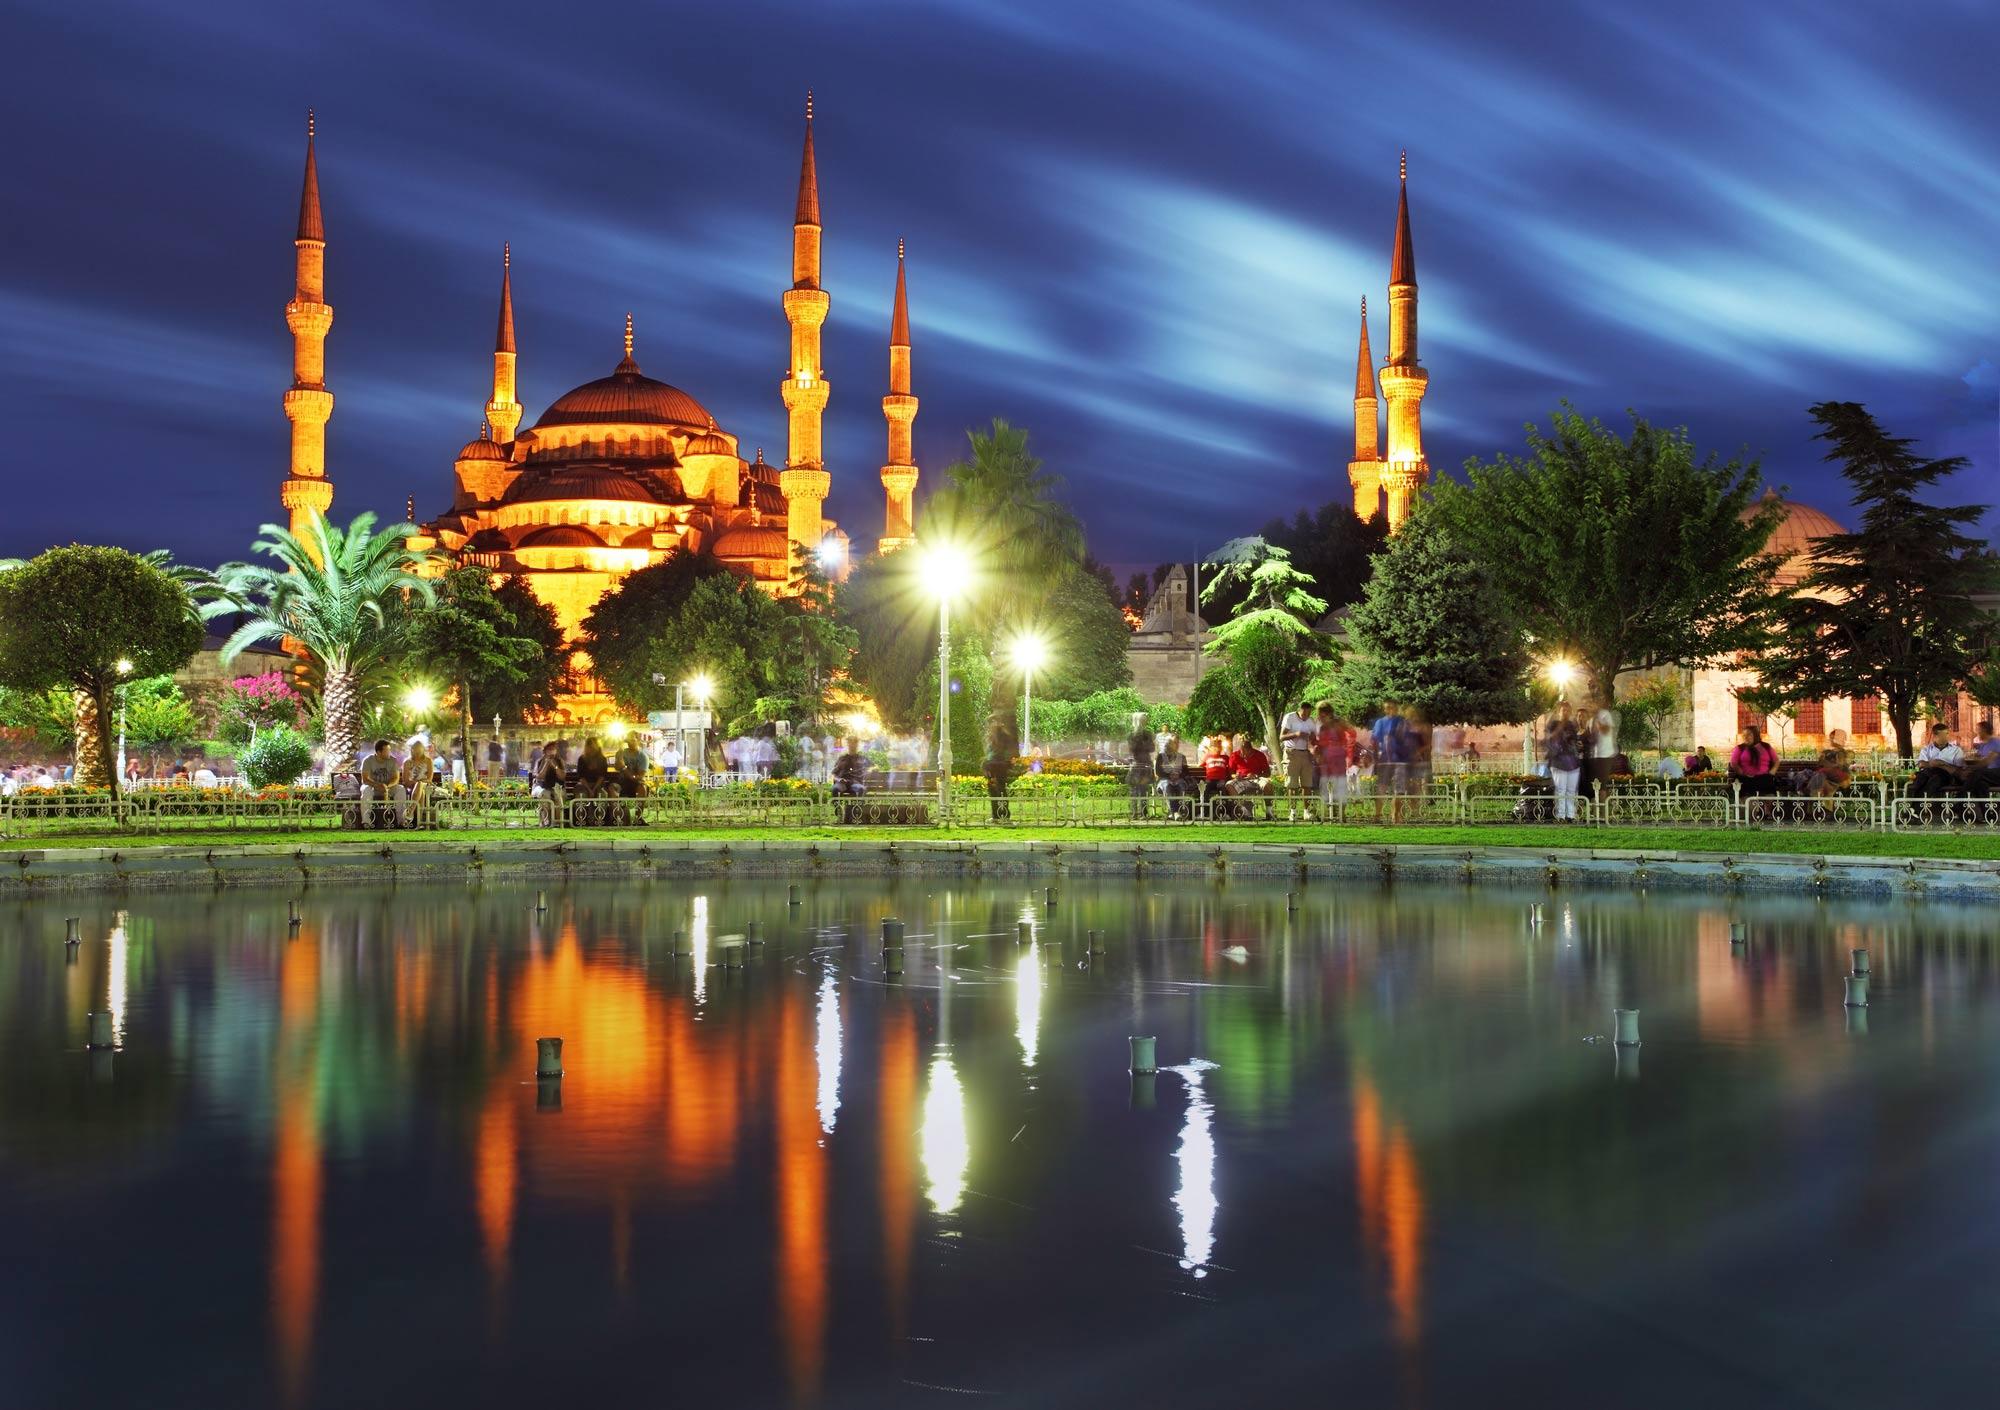 Как зарабатывать $35 млрд в год на туризме. Опыт Турции